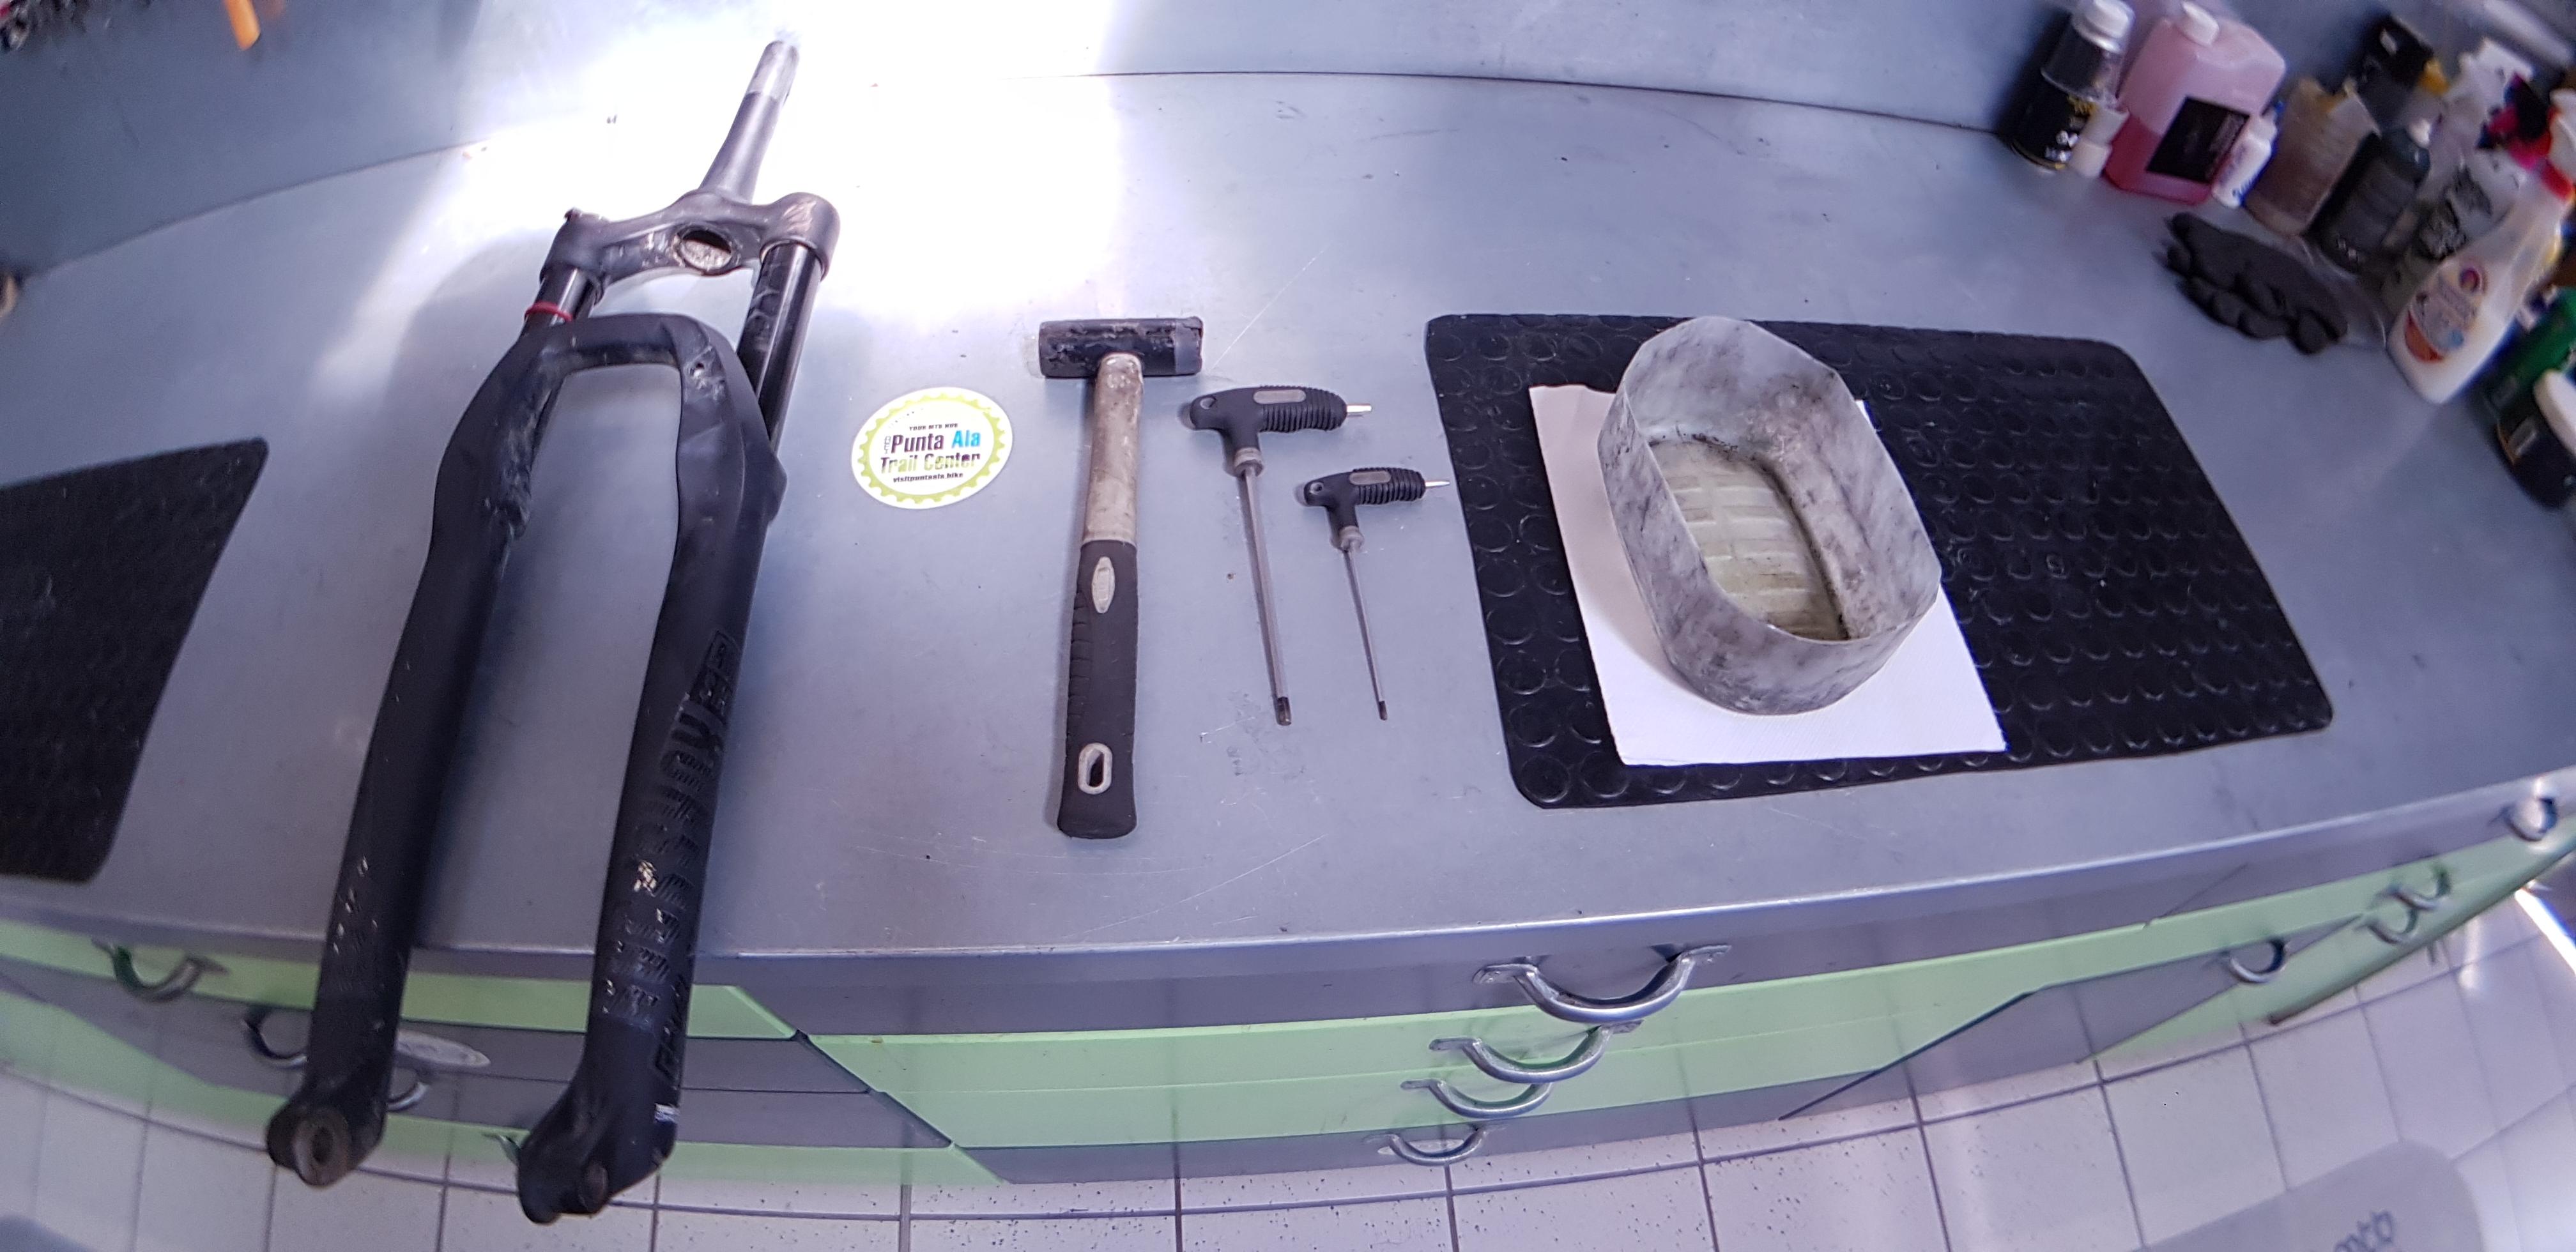 Gli attrezzi necessari: un recipiente per raccoglio l'olio vecchio, una brucola da 5 mm e una da 3mm, un martello di gomma.